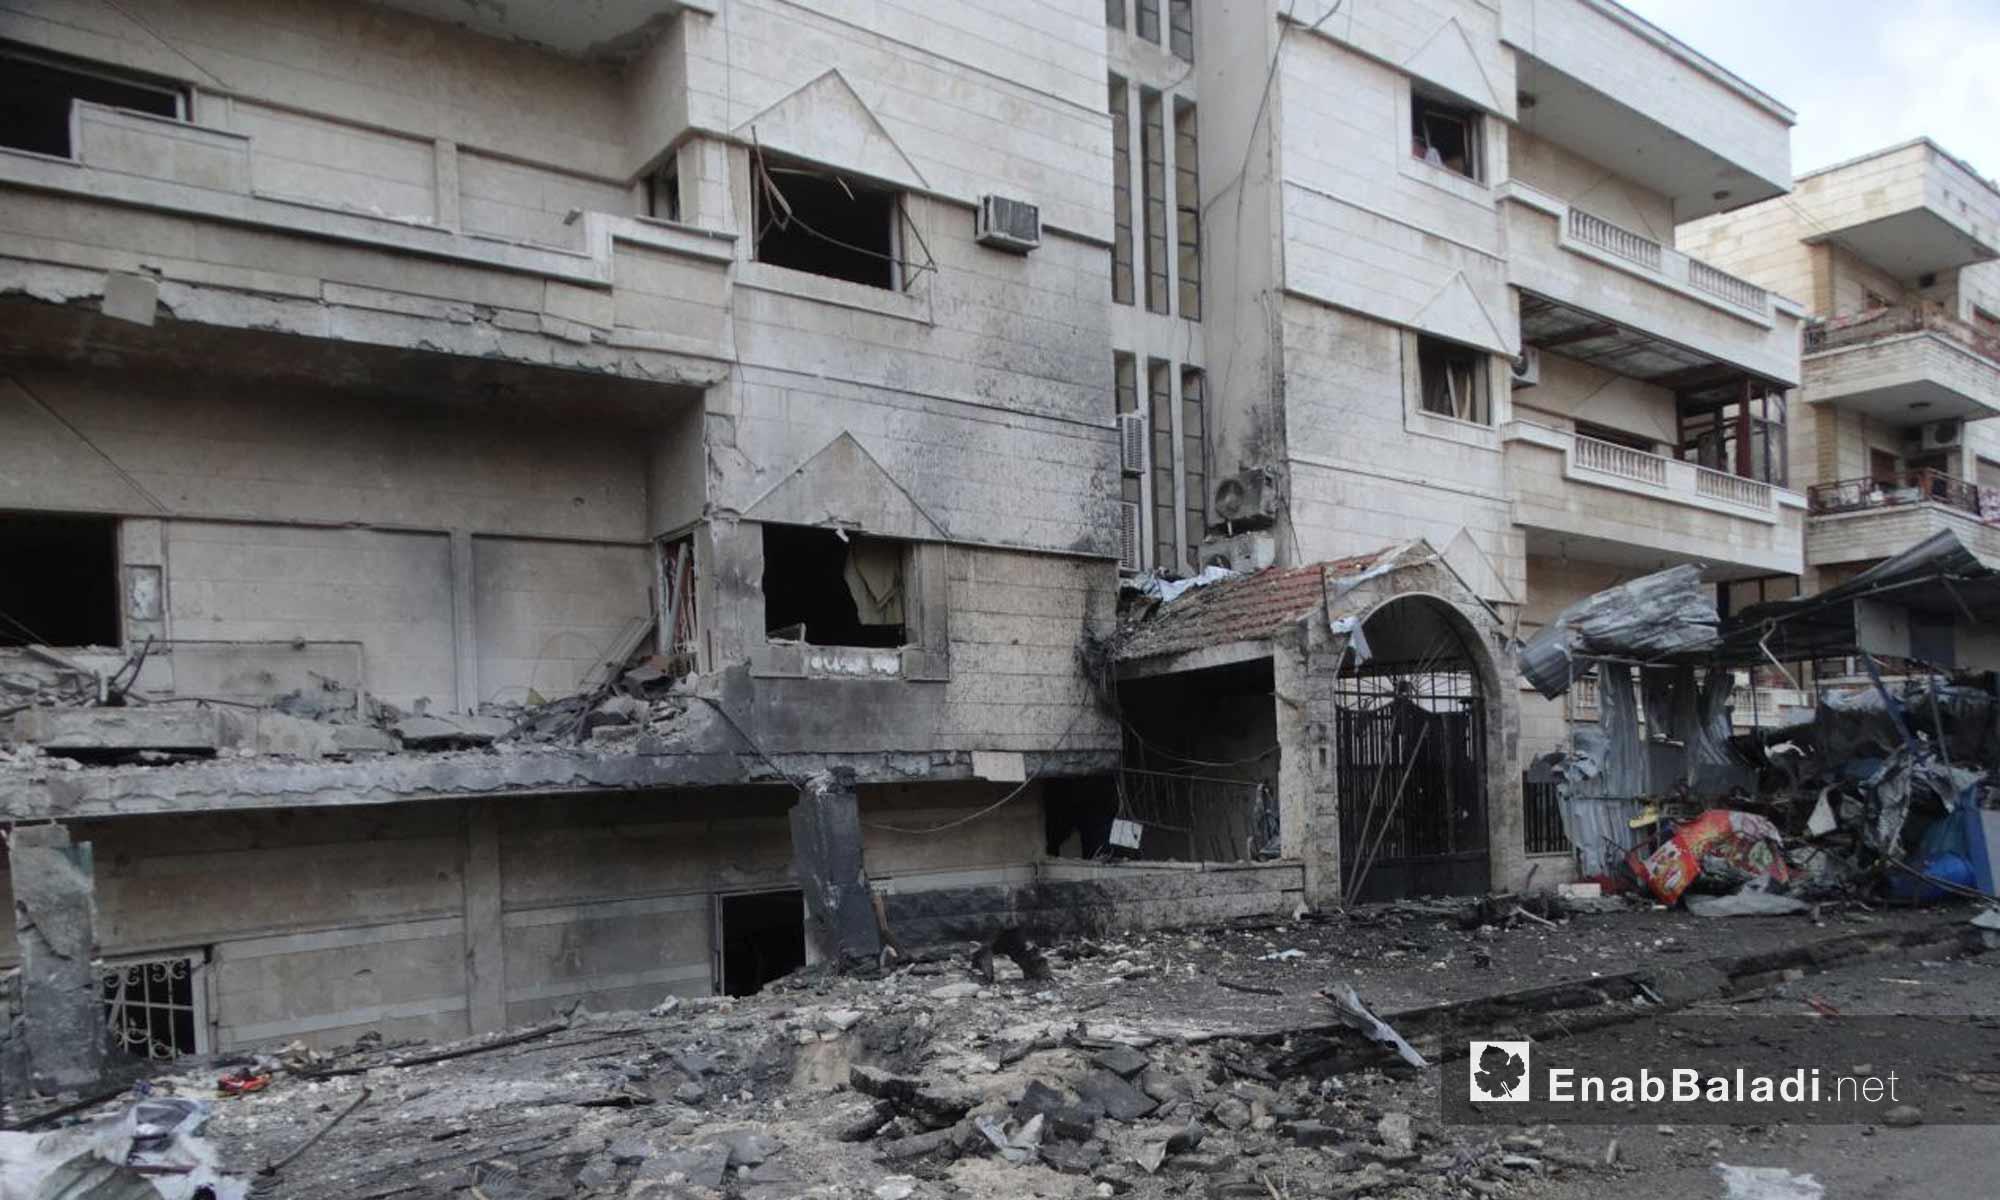 آثار الحرق تظهر على بناء مدمر داخل  حي الوعر في حمص بعد قصفه بالنابالم- 16 تشرين الثاني 2016 (عنب بلدي)